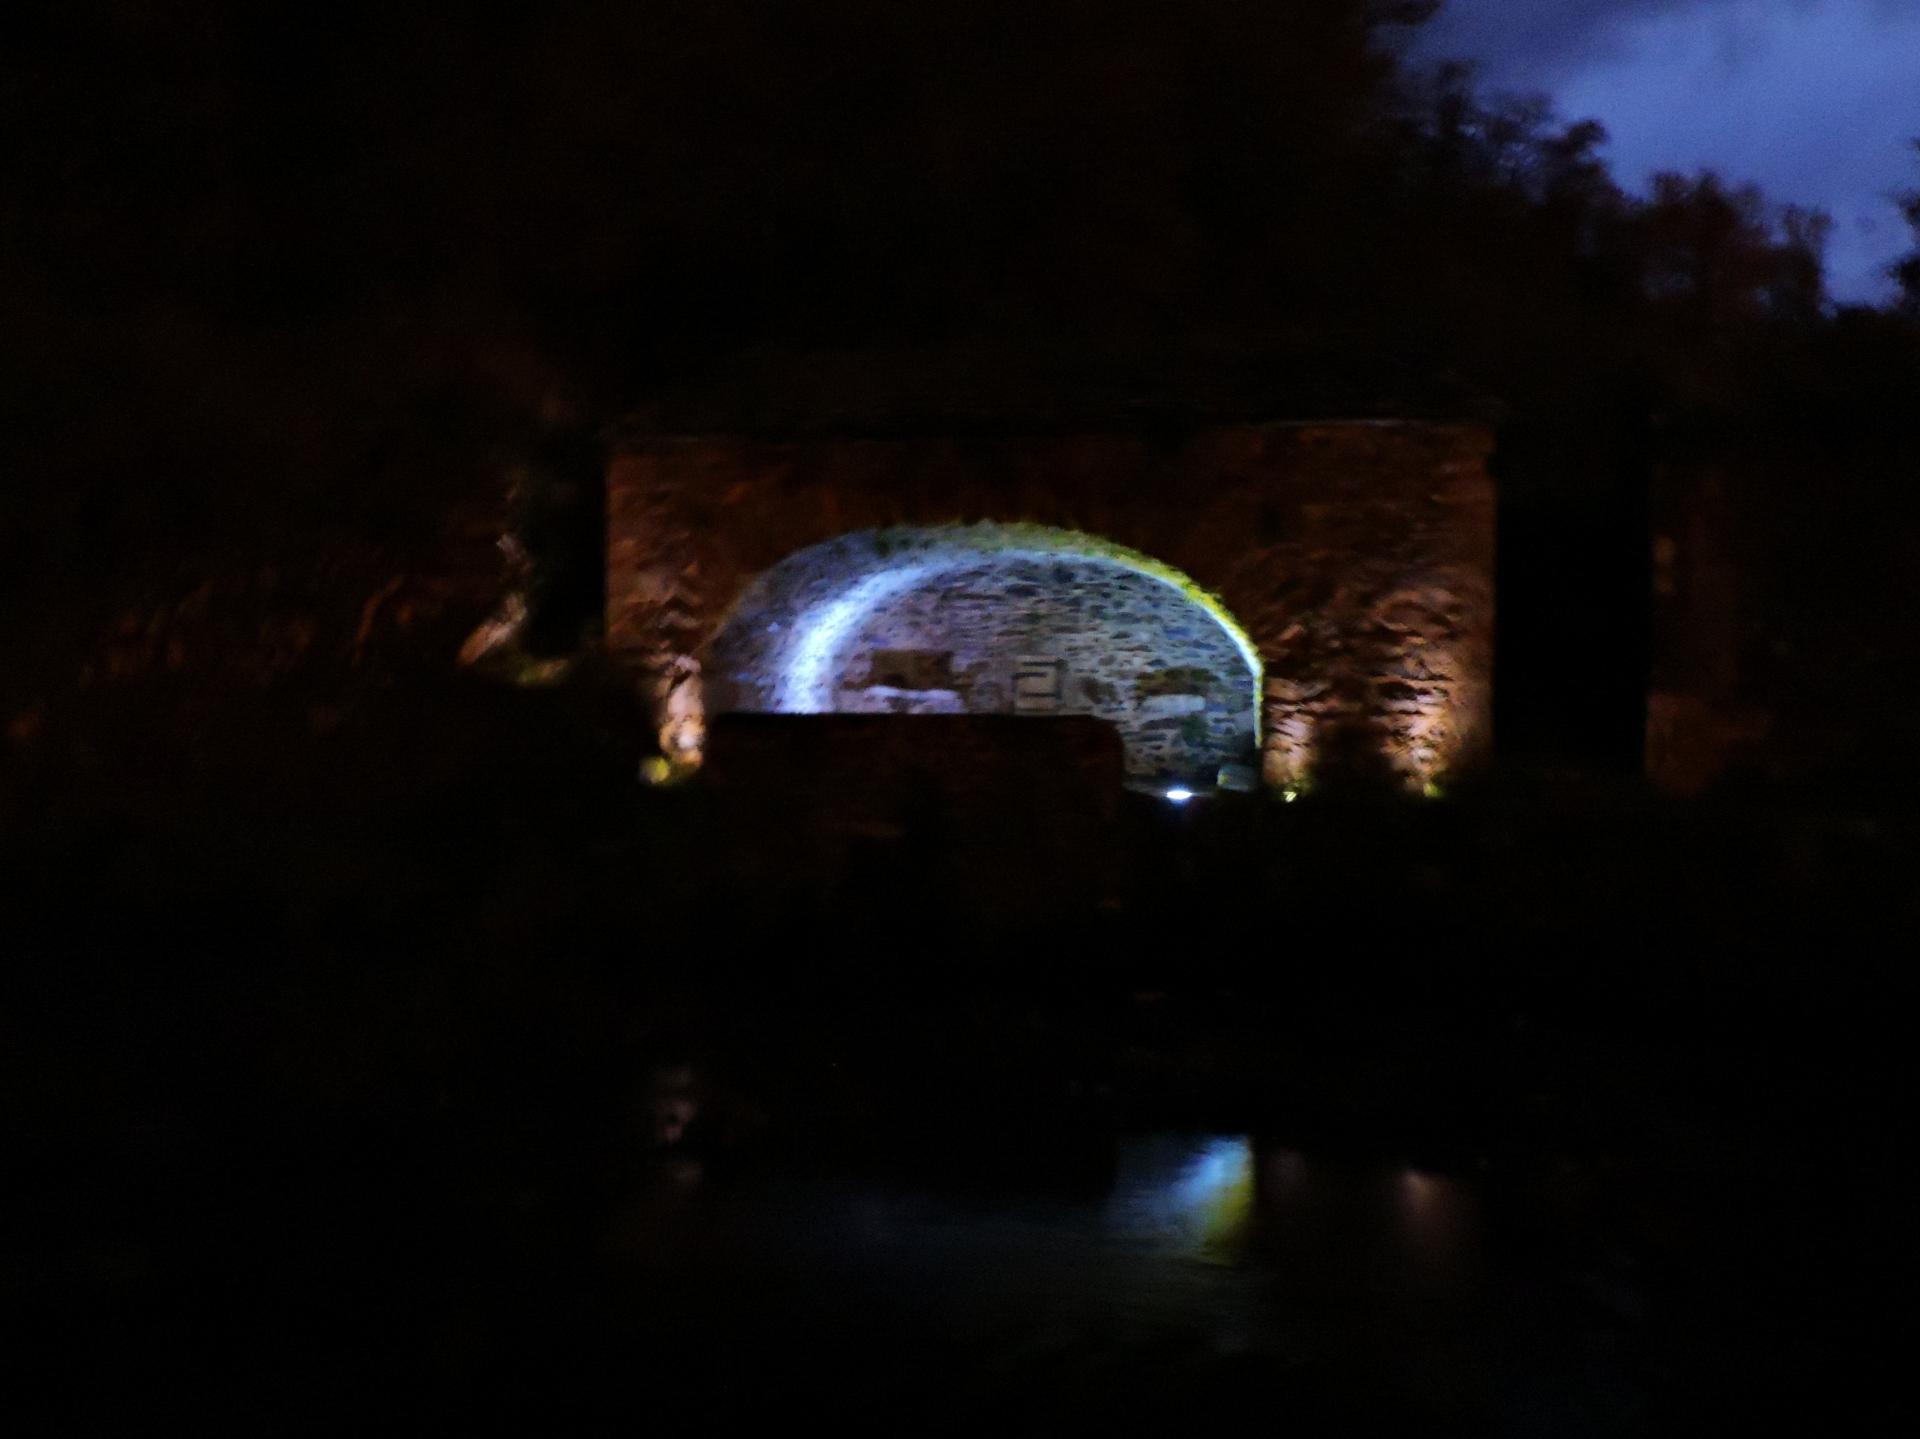 La fontaine lavoir de LAROQUE la nuit